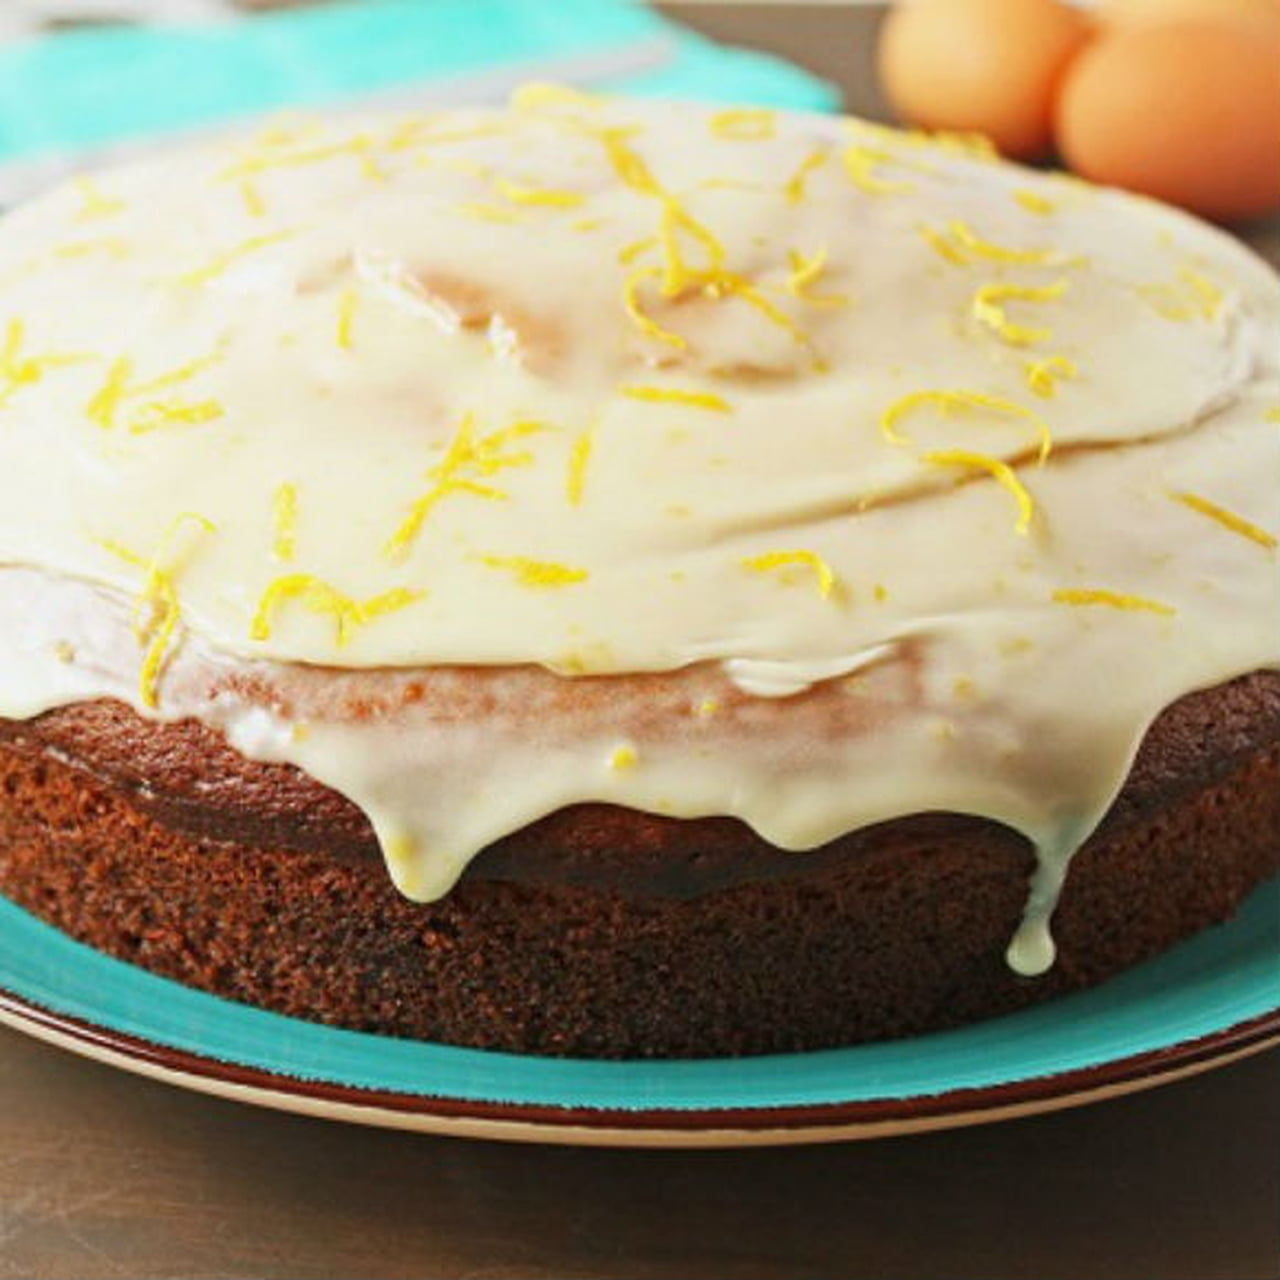 بالصور كيكة الليمون بالصوص , كيفية عمل الكيك بالصوص الرائع 12328 10